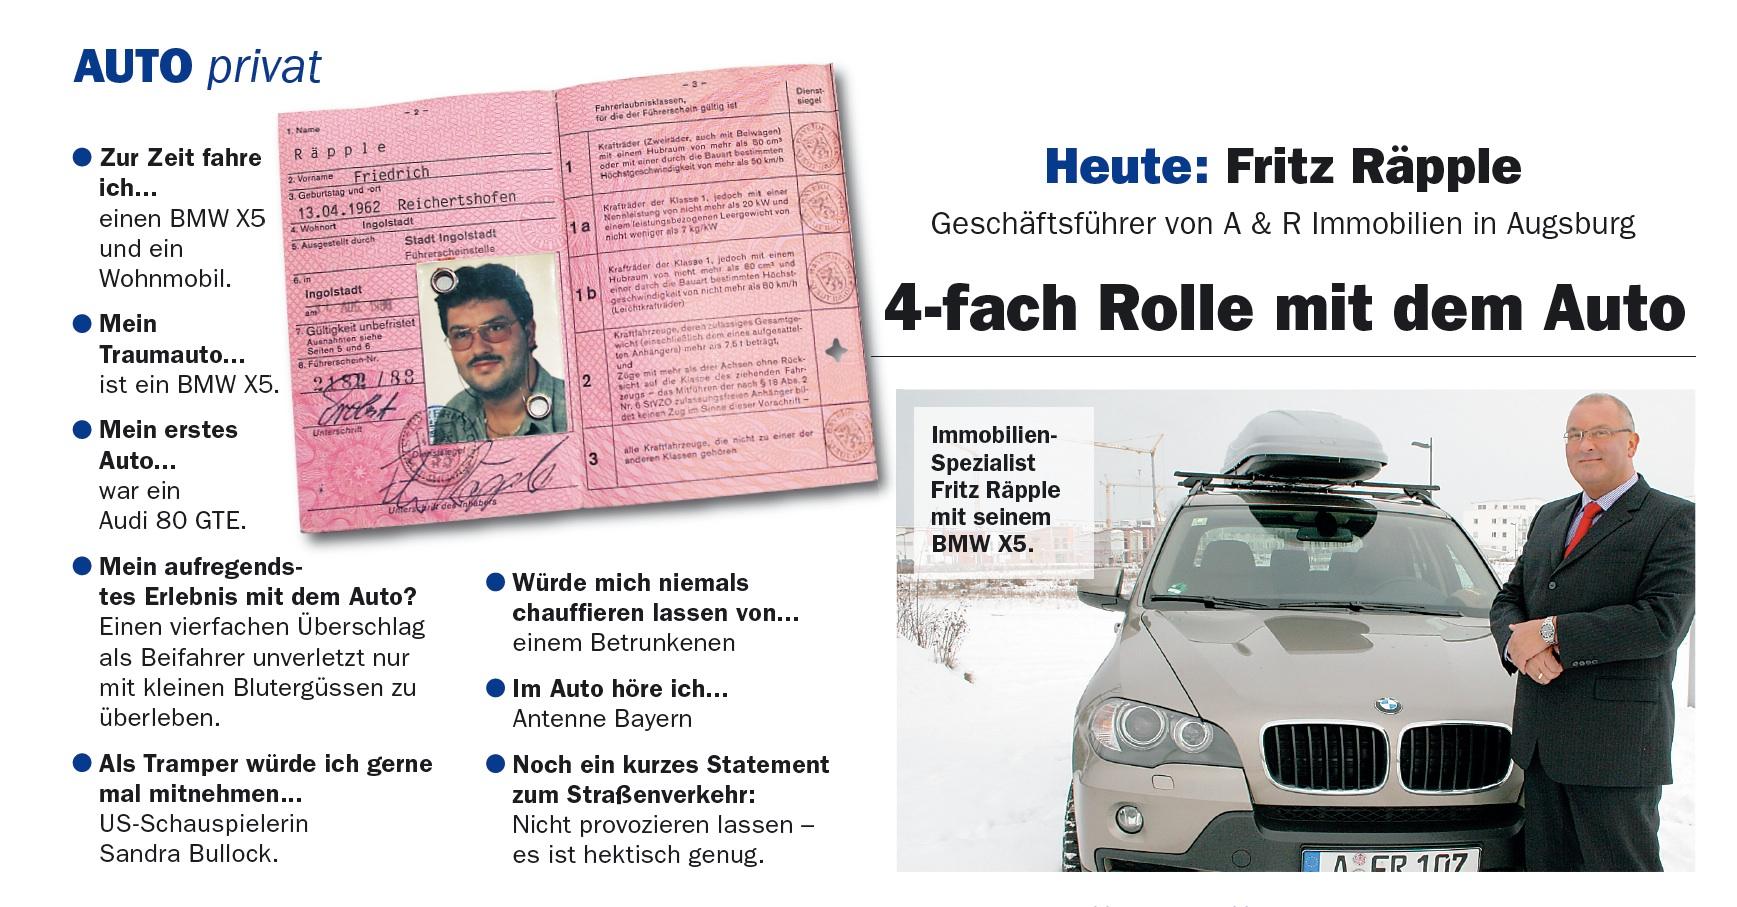 Zeitungsbericht: Auto privat